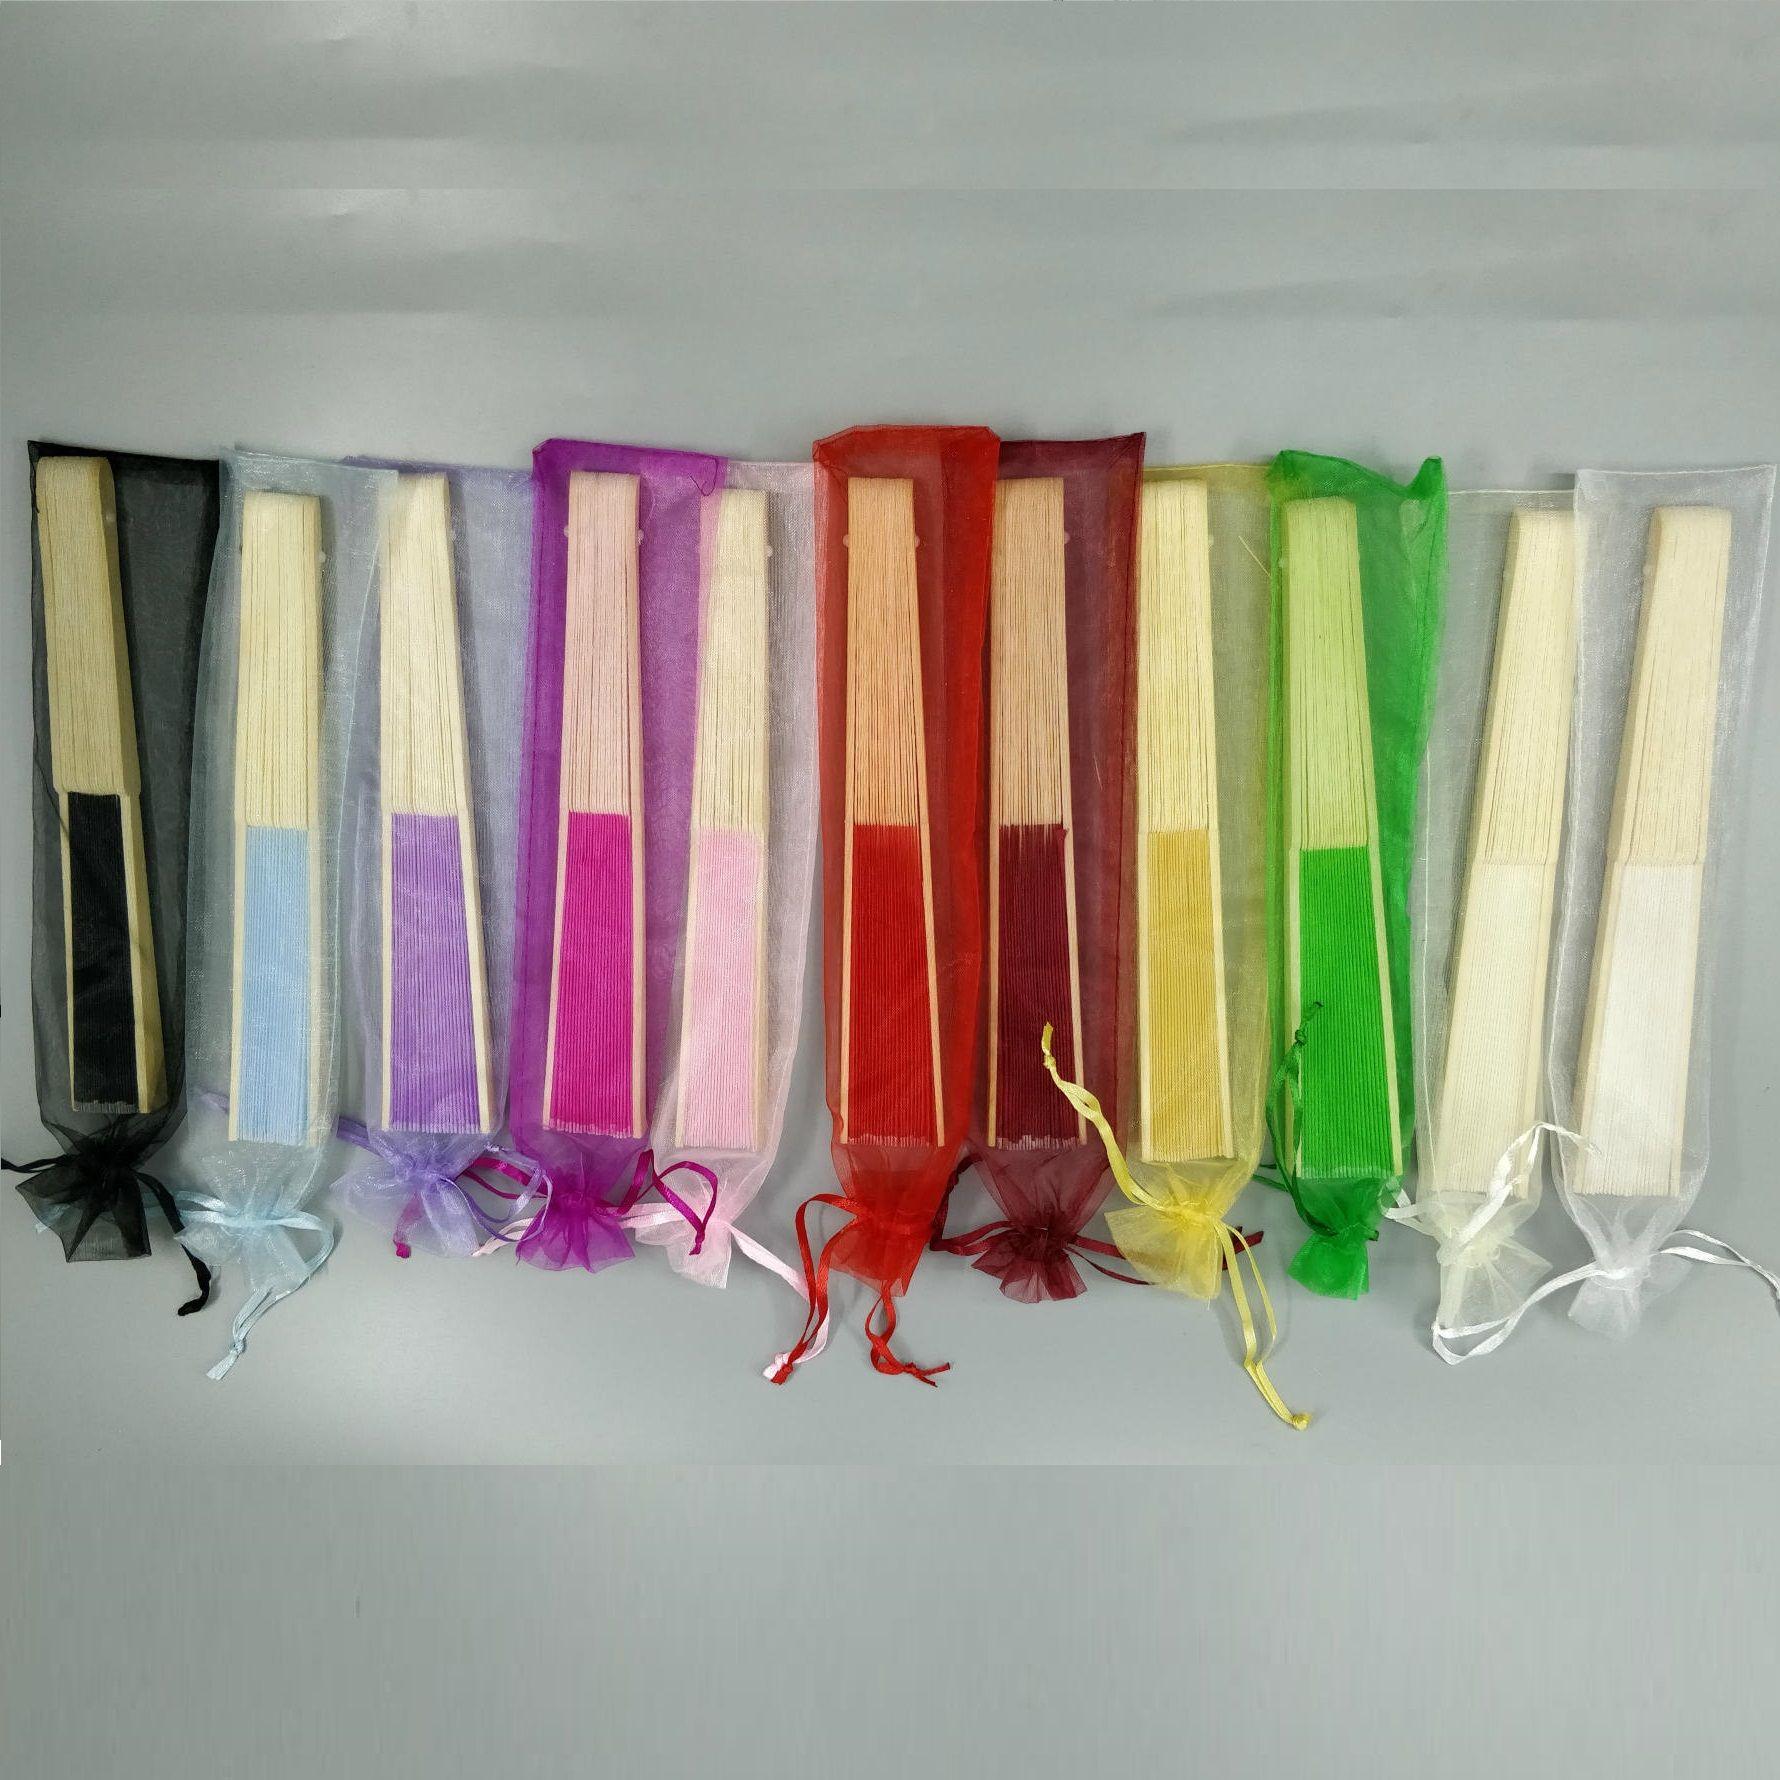 персонализированные бумаги складной веера свадебные сувениры подарки свадебный душ подарки бесплатная доставка 50 шт. лот оптовые продажи